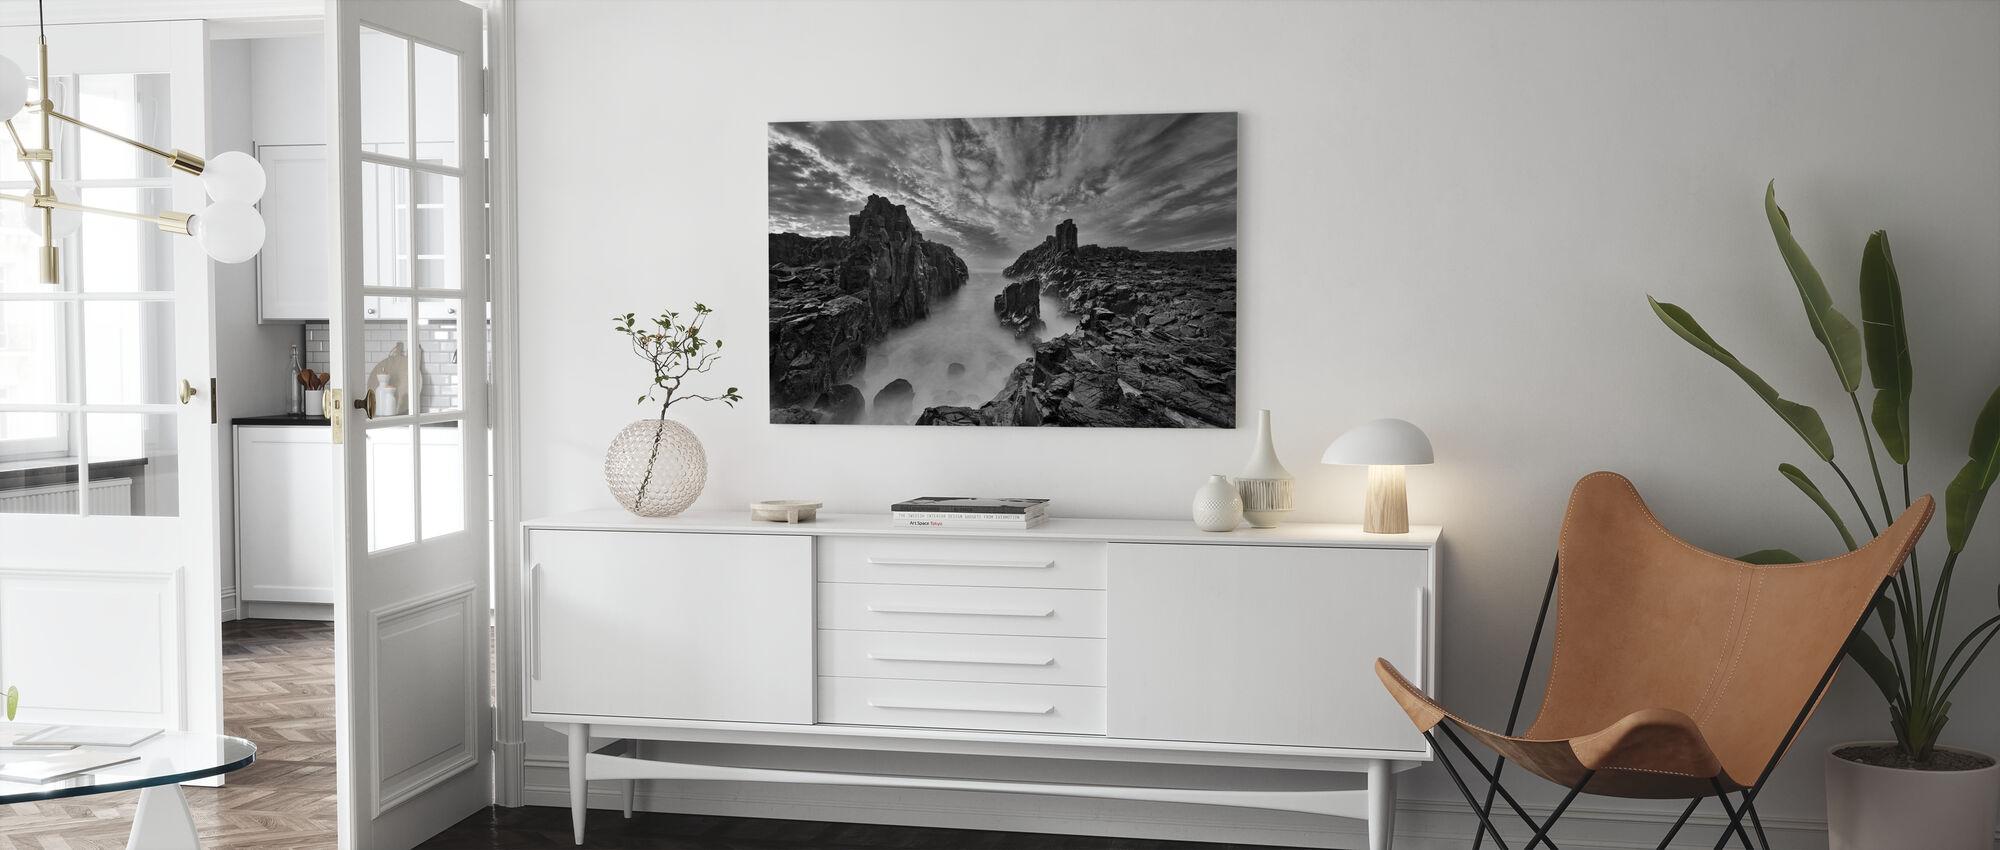 Poort naar Hemel - Canvas print - Woonkamer